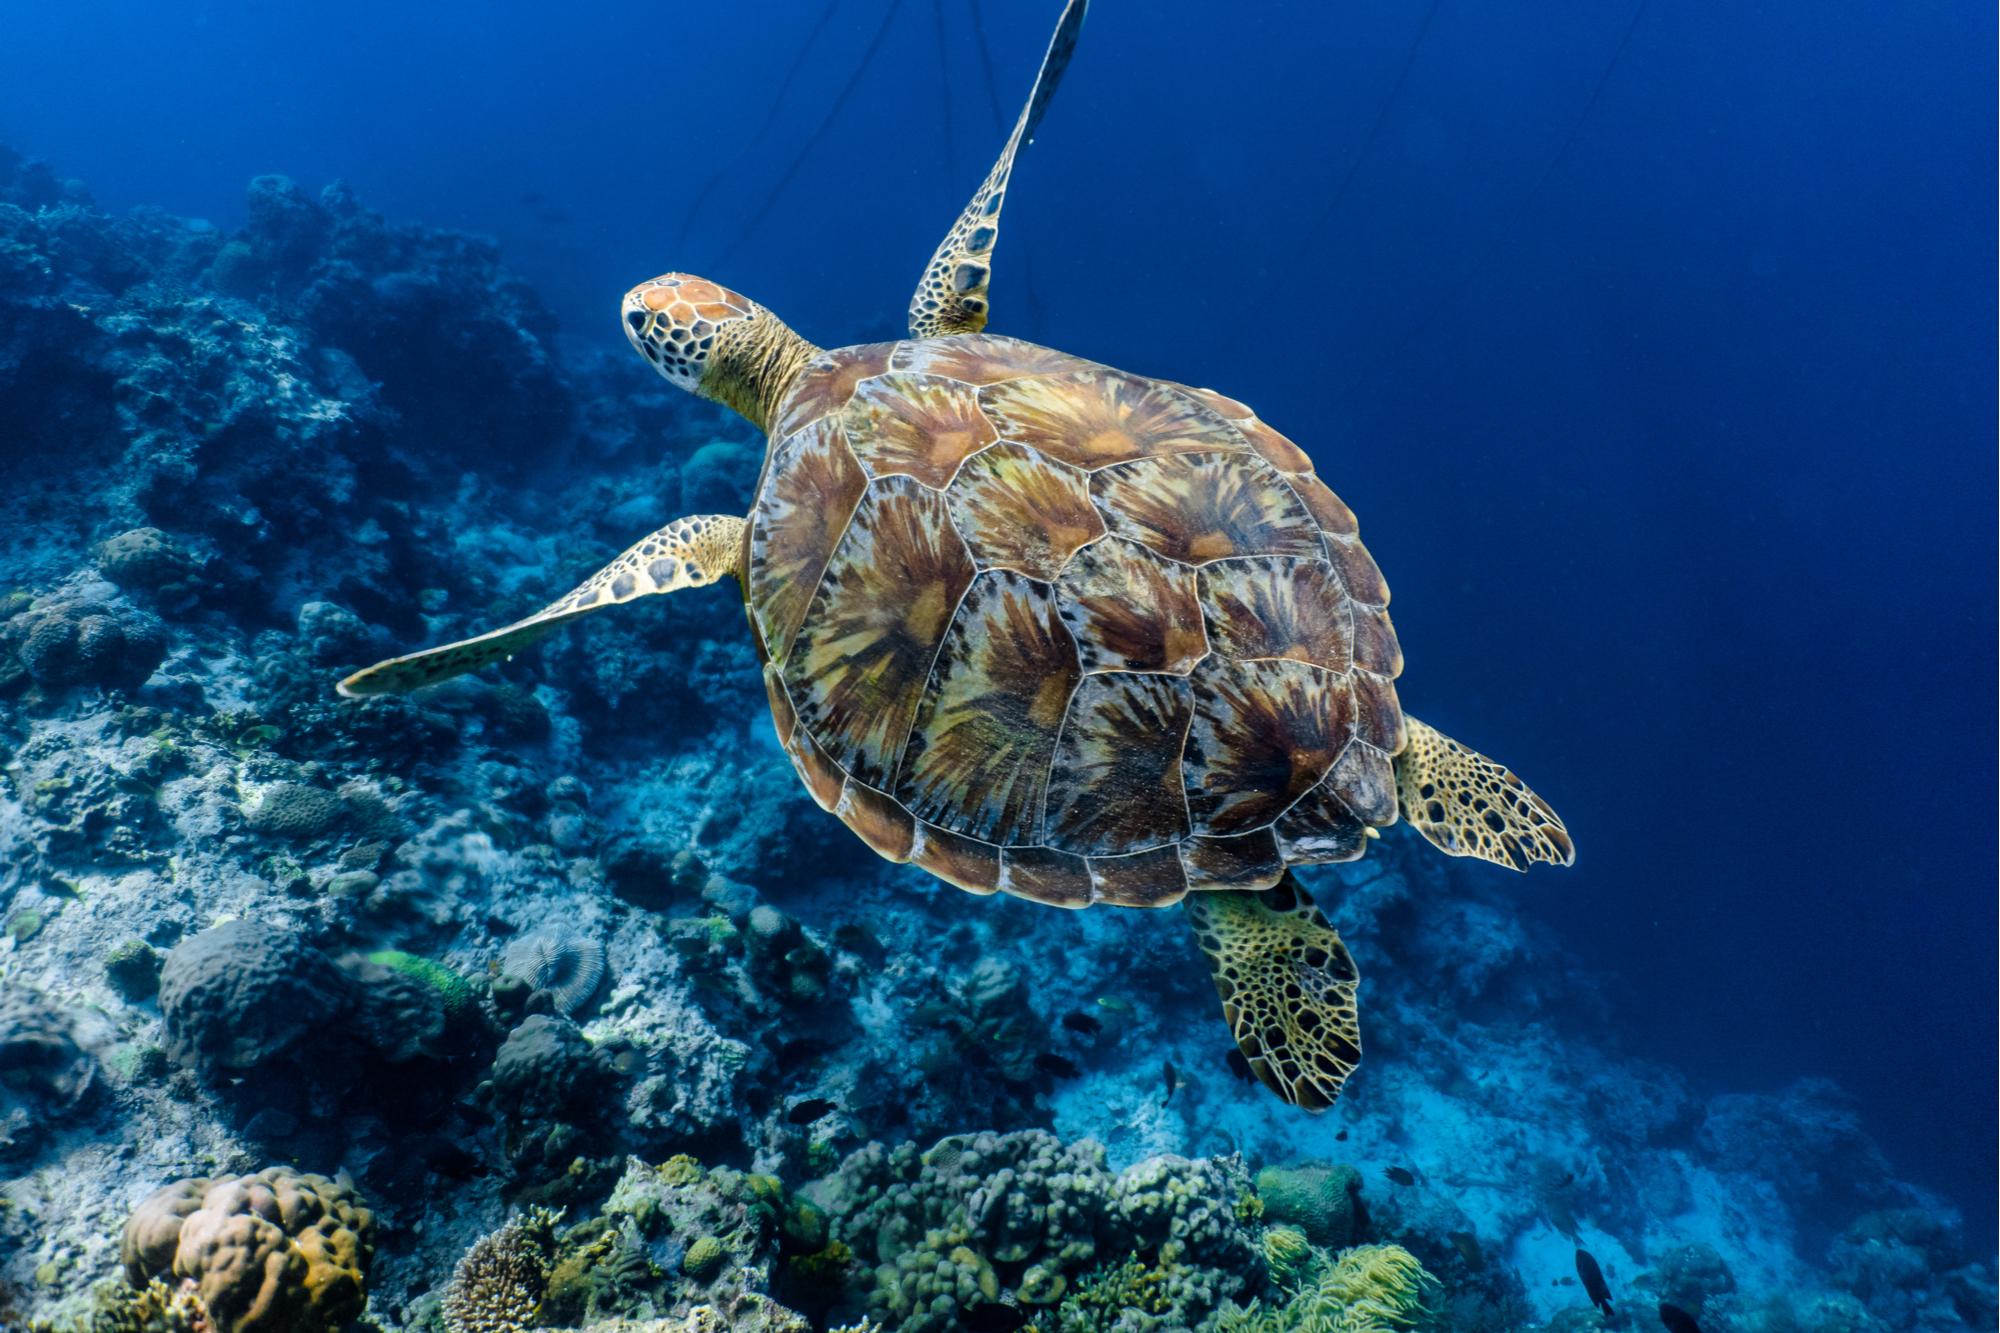 Tartaruga marinha verde nadando acima de um recife de coral zoom